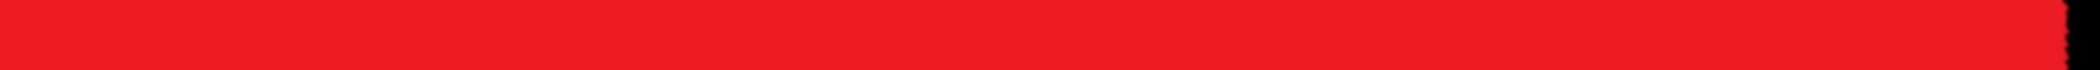 redfadeband50px.png